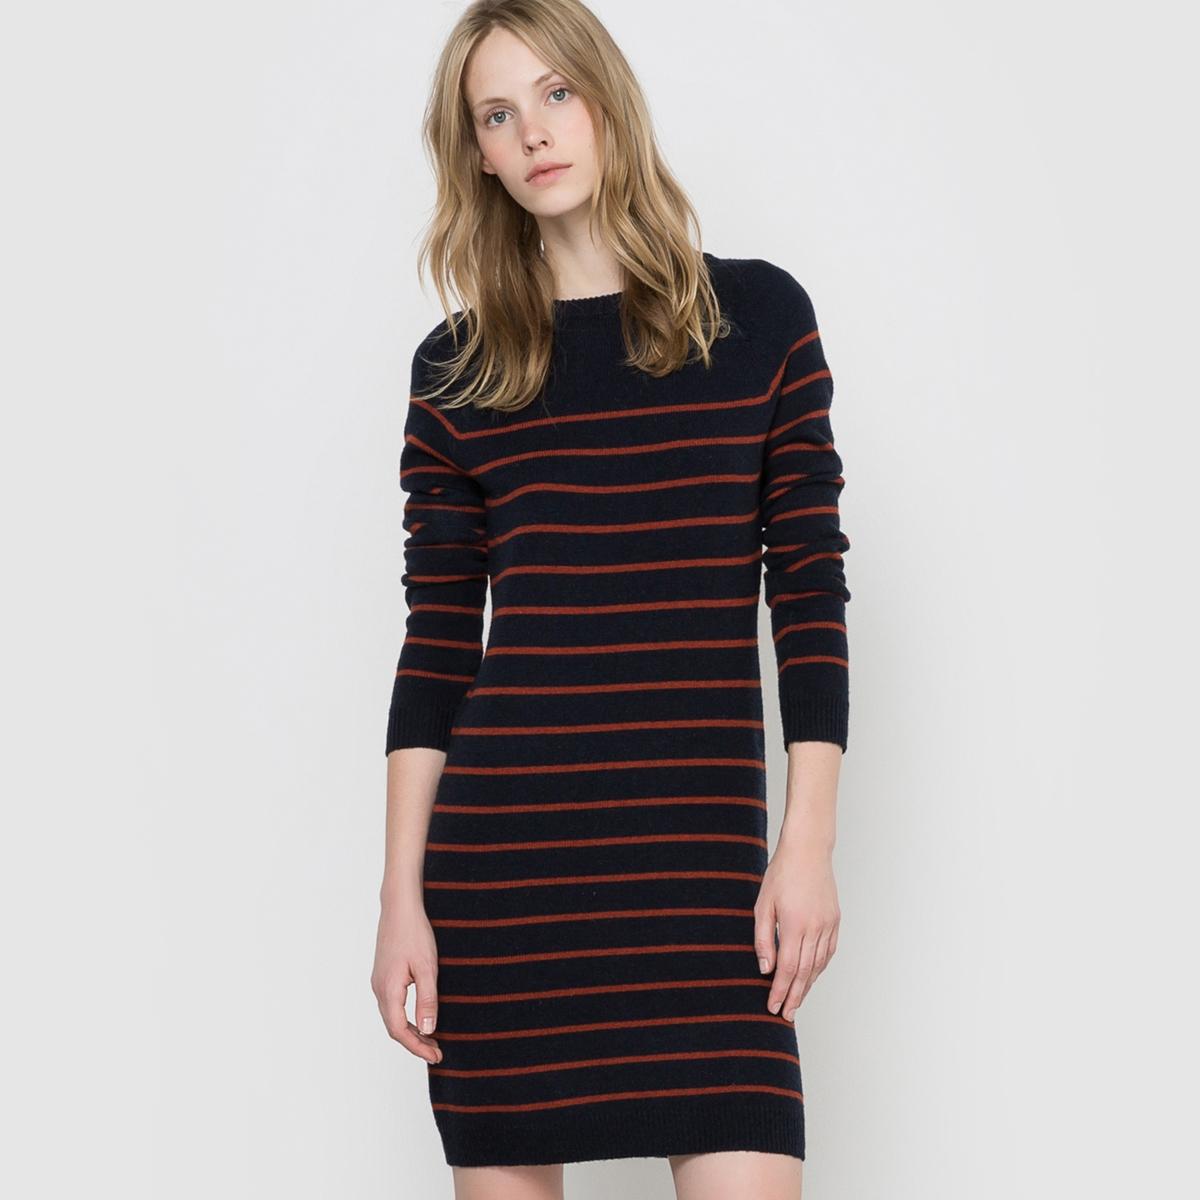 Платье-пуловер в полоску, 50% шерстиПлатье-пуловер в полоску. Длинные рукава. Круглый вырез. Пройма реглан на кнопках по бокам. Края выреза, рукавов и низа связаны в рубчик. Длина 92 см. Состав и описаниеМатериал 50% шерсти ягненка, 30% полиамида, 20% вискозыМарка R EssentielУходРучная стиркаМашинная сушка запрещенаГладить с изнаночной стороны при умеренной температуре<br><br>Цвет: в полоску темно-синий/кирпичный<br>Размер: 46/48 (FR) - 52/54 (RUS)